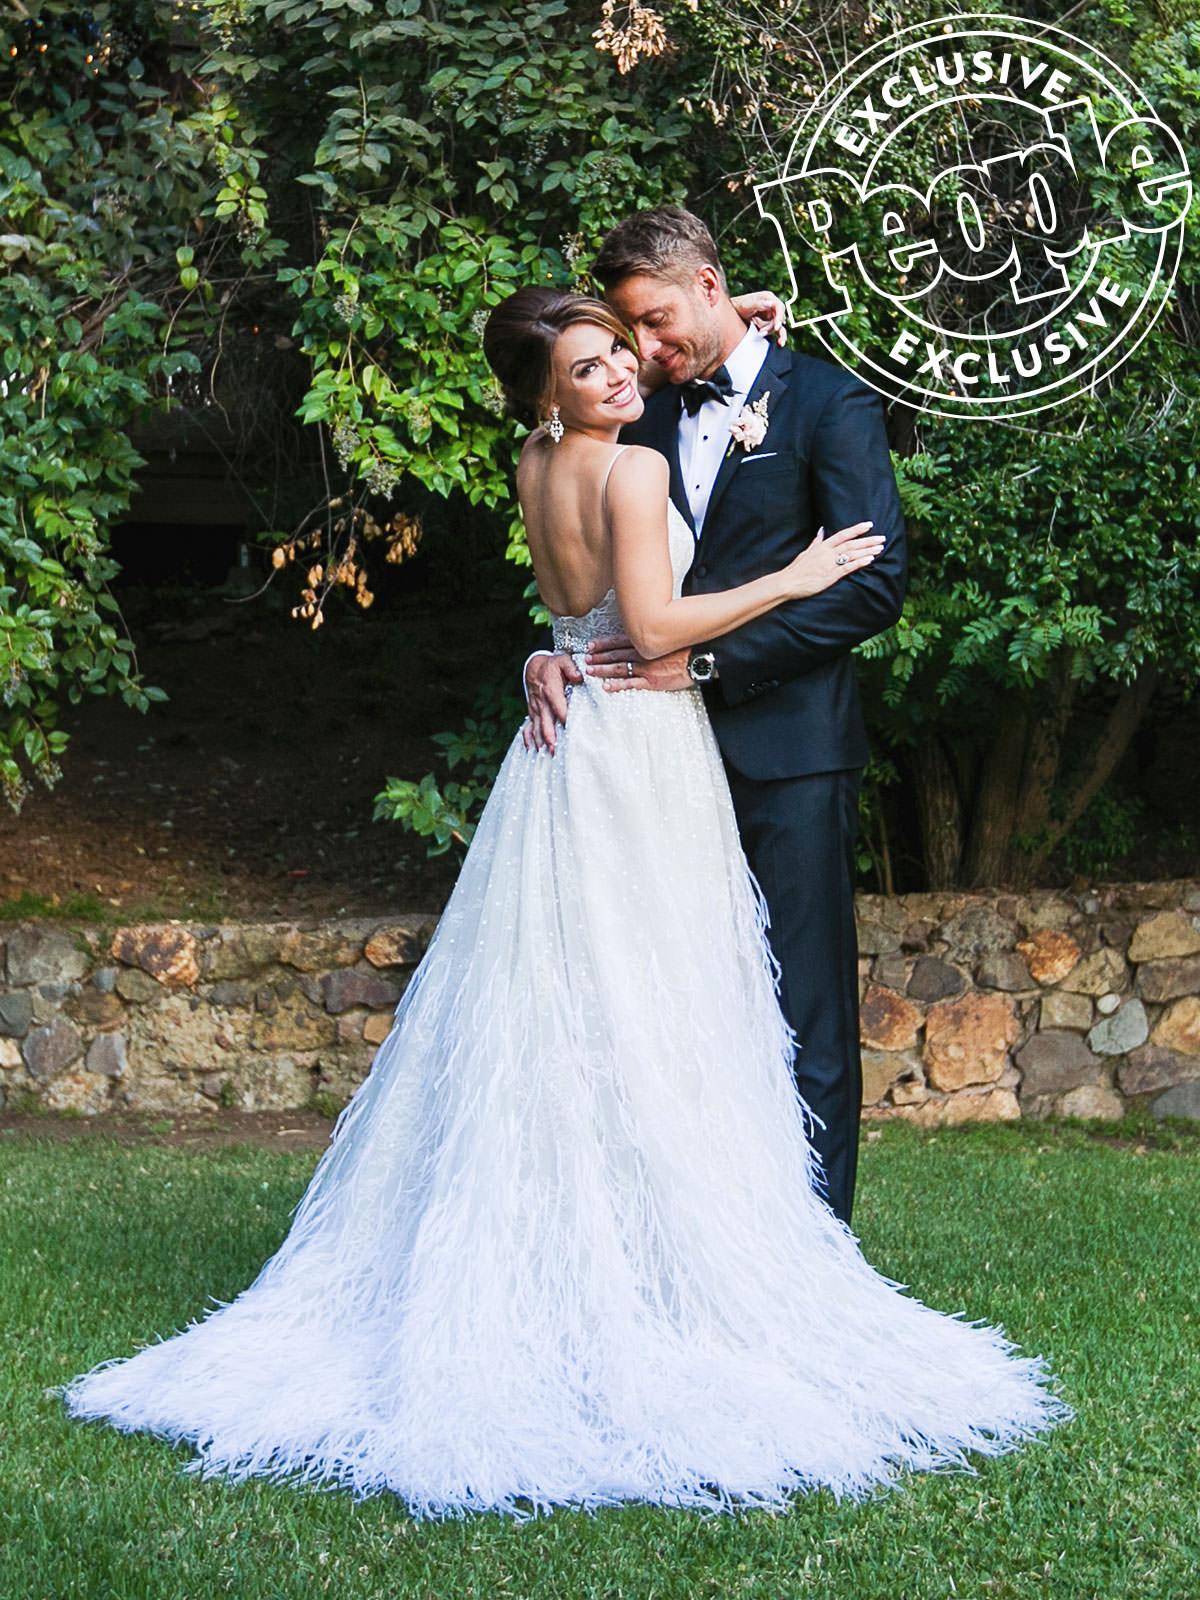 Justin Hartley Wedding in People Magazine at Calamigos Ranch